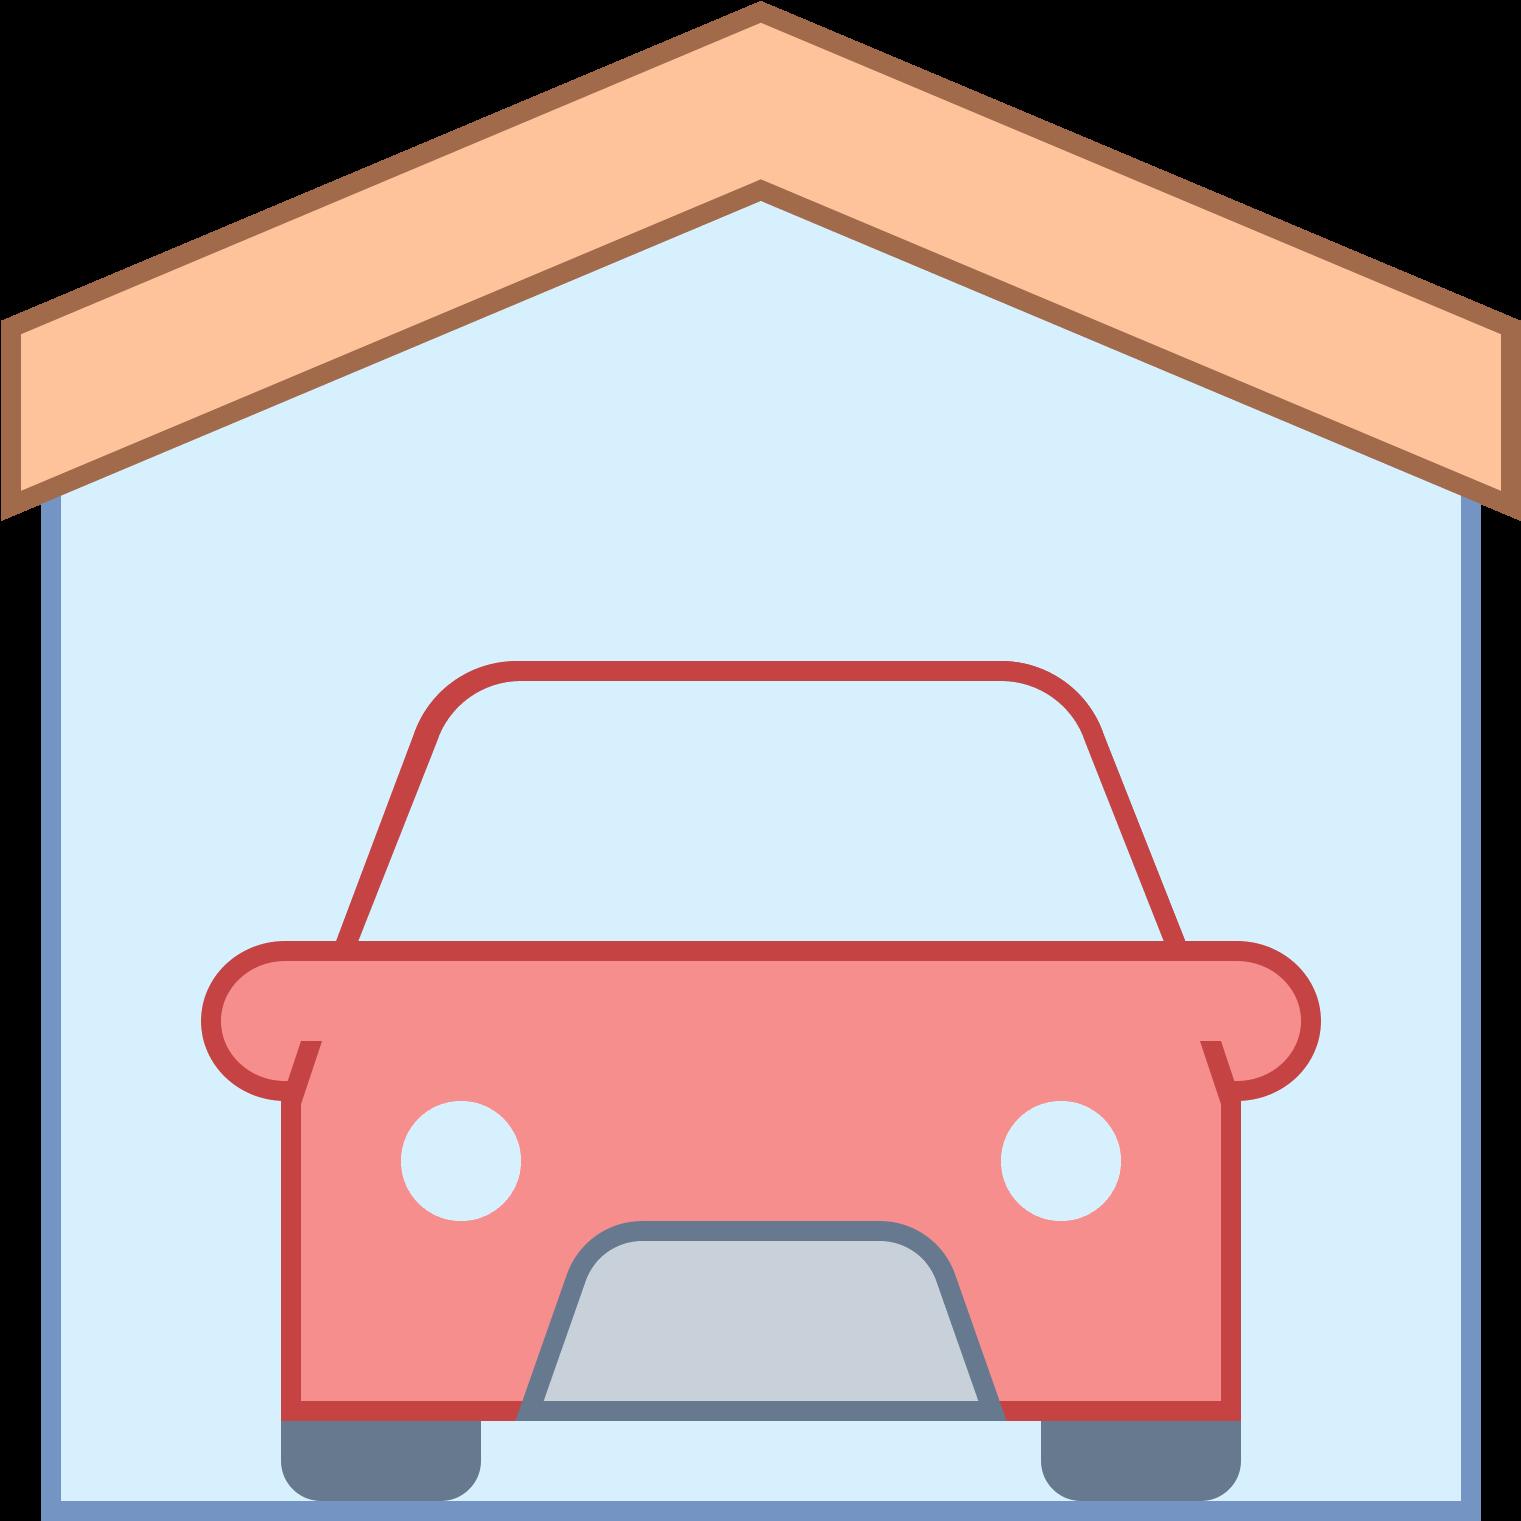 HD Parking Lot Clipart Car Park - Sandycove Transparent PNG ...